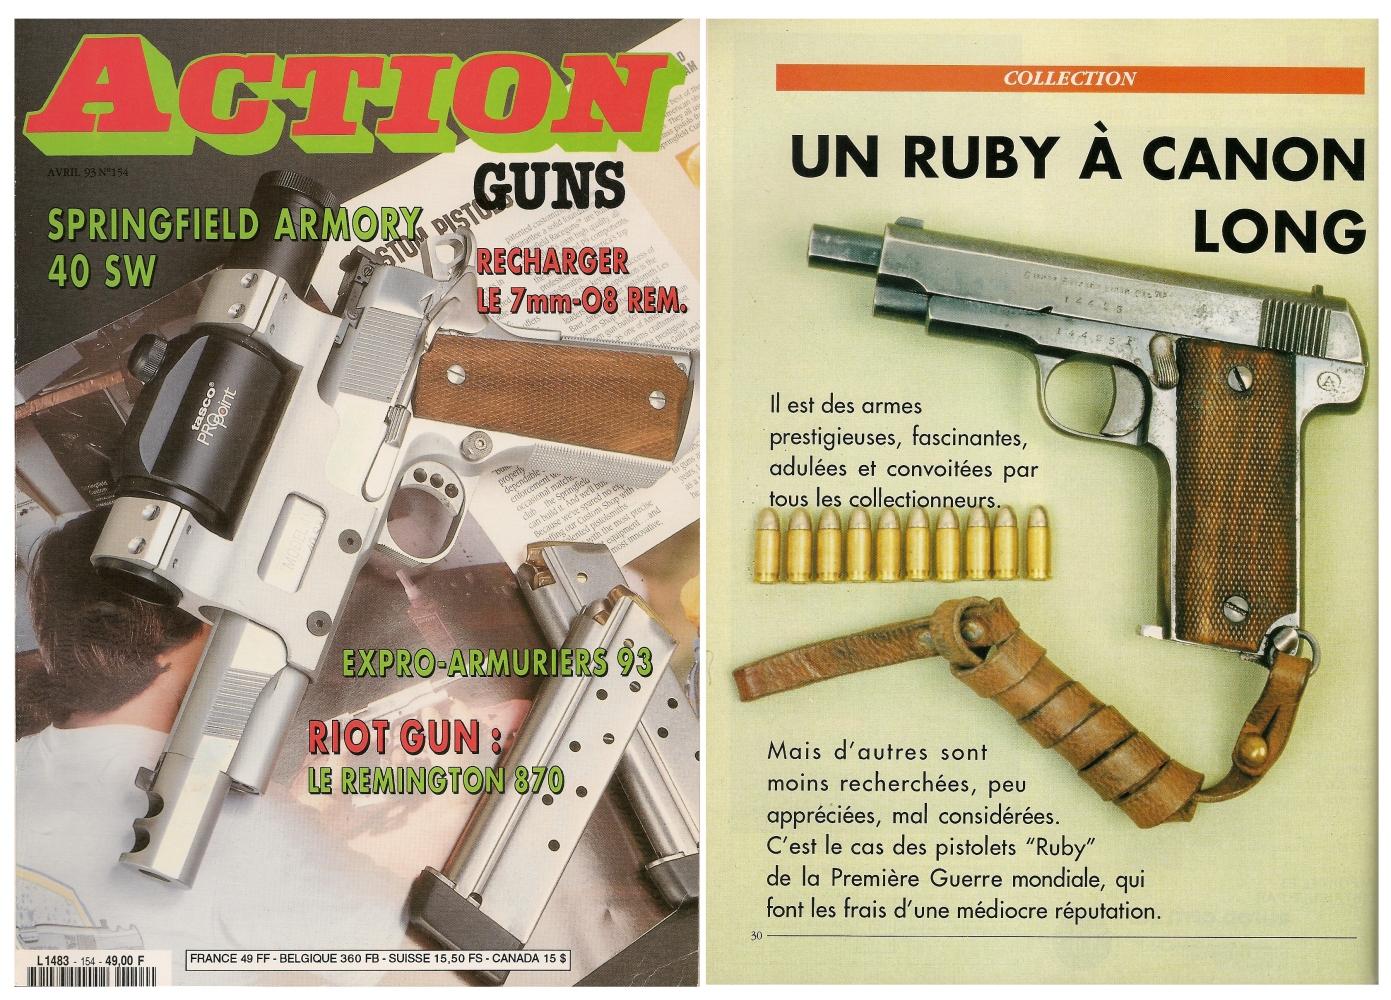 Le banc d'essai du pistolet Arizage type « Ruby 14-18 » a été publié sur 5 pages dans le magazine Action Guns n°154 (avril 1993)